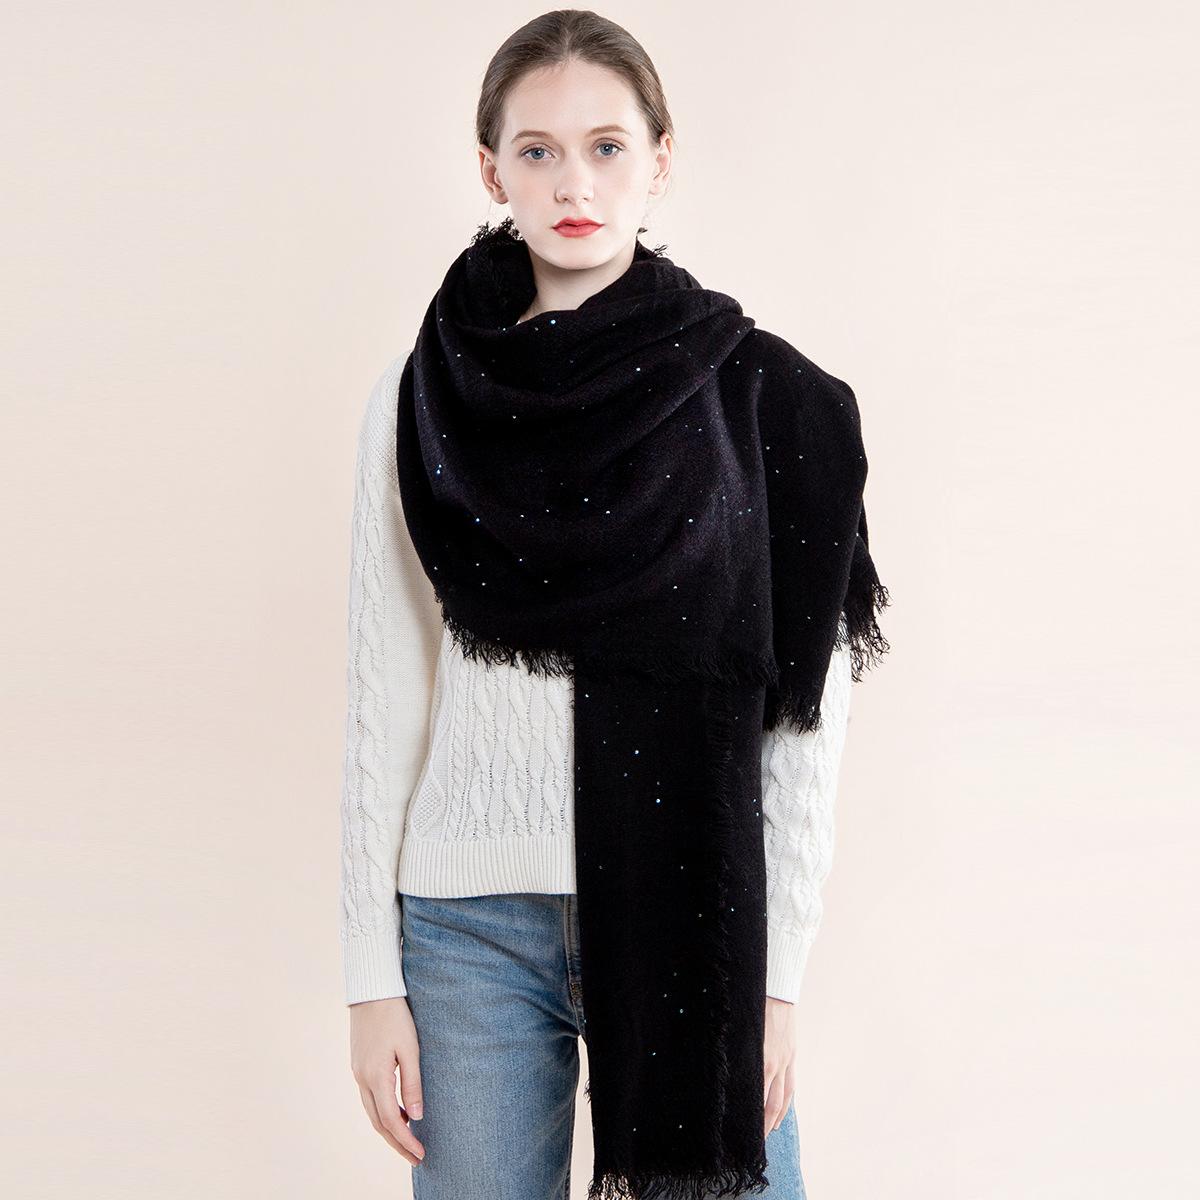 新款披肩女歐美仿羊絨圍巾女純色秋冬季str珠片圍巾